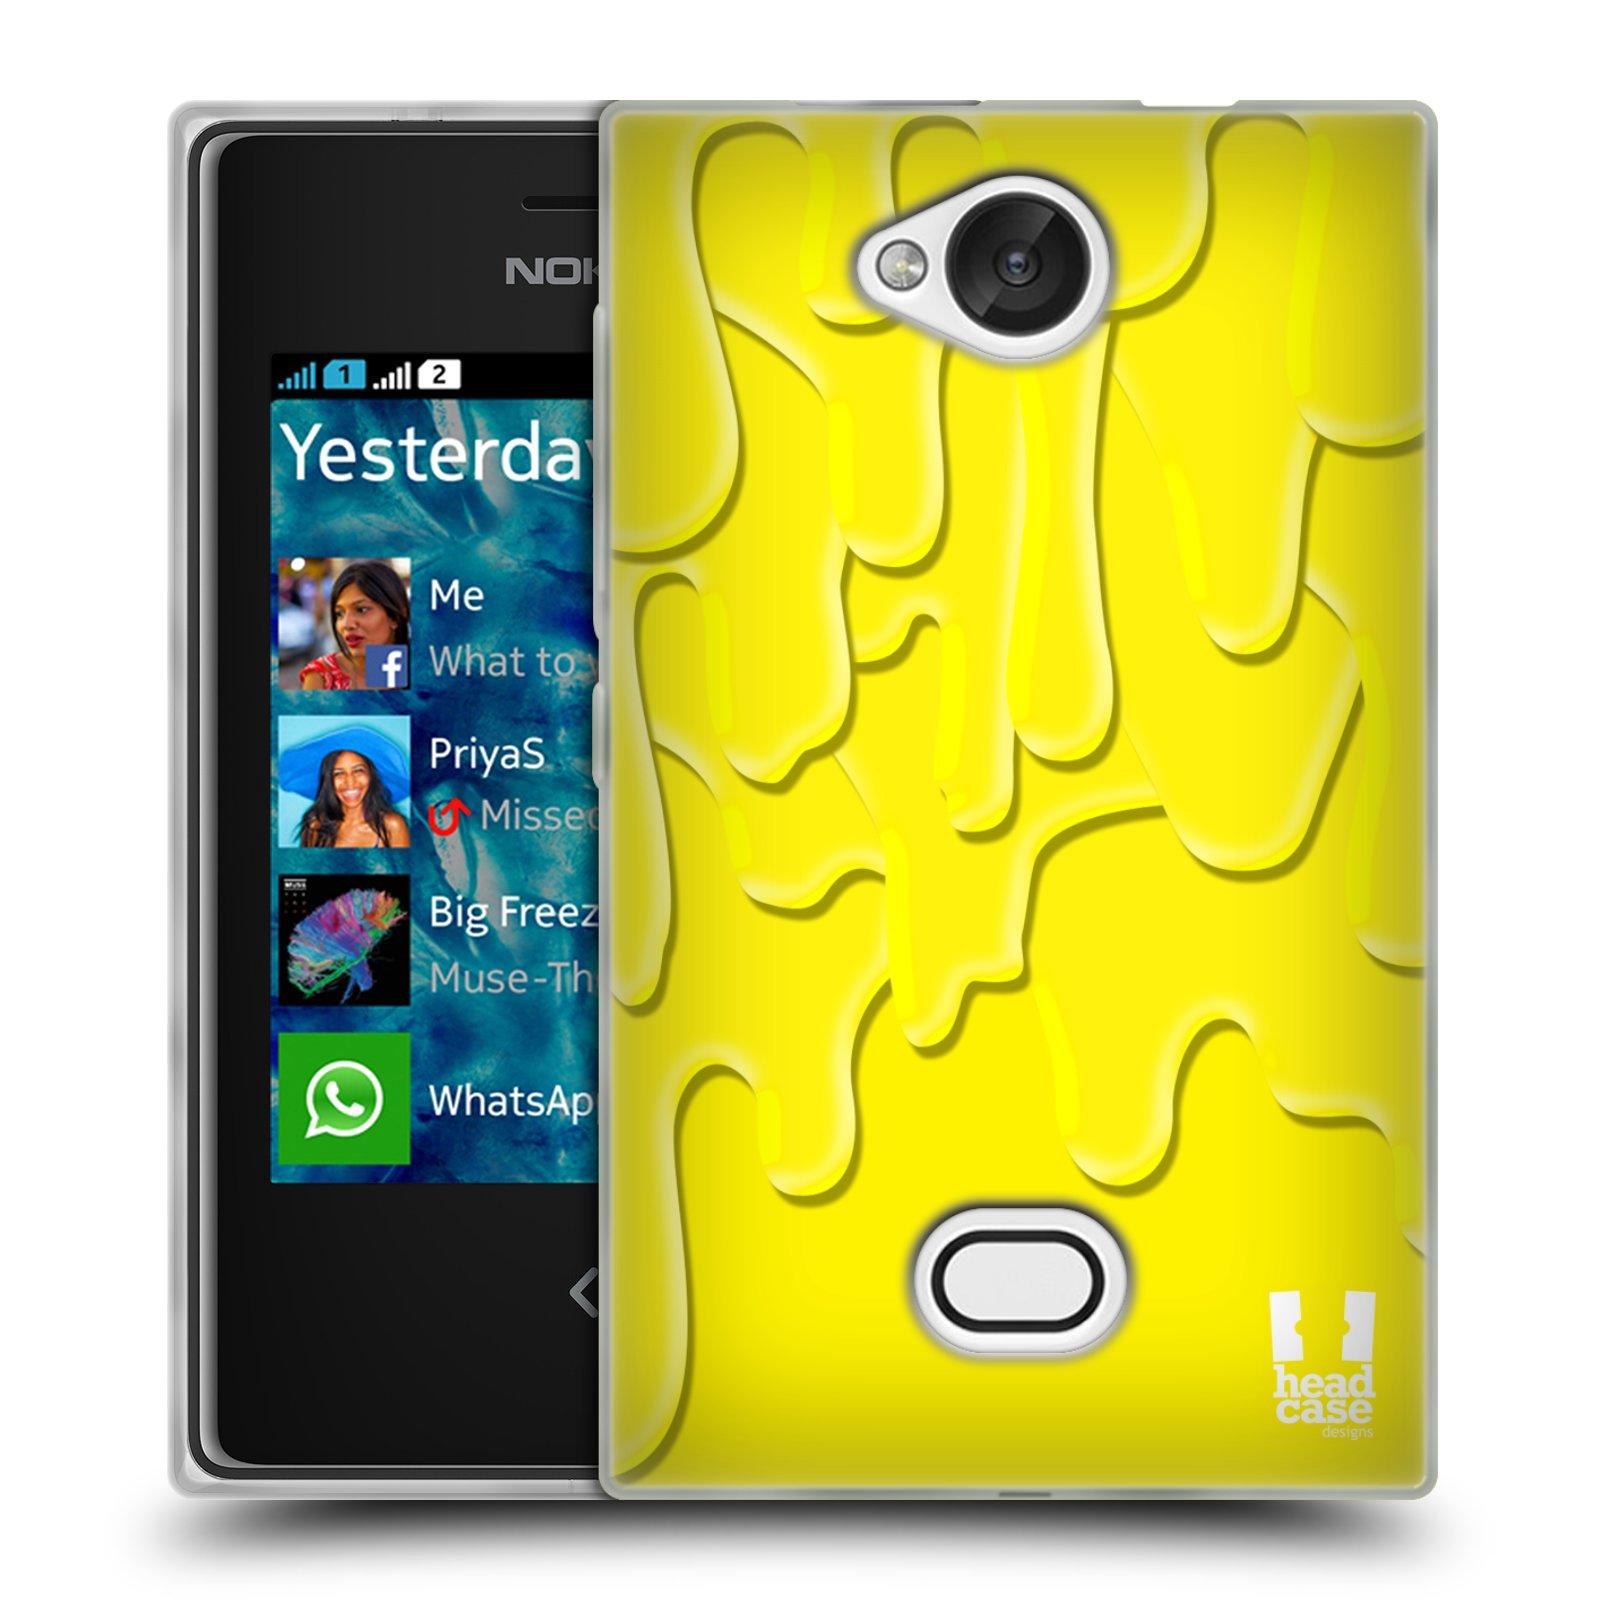 HEAD CASE silikonový obal na mobil NOKIA Asha 503 vzor Barevná záplava žlutá